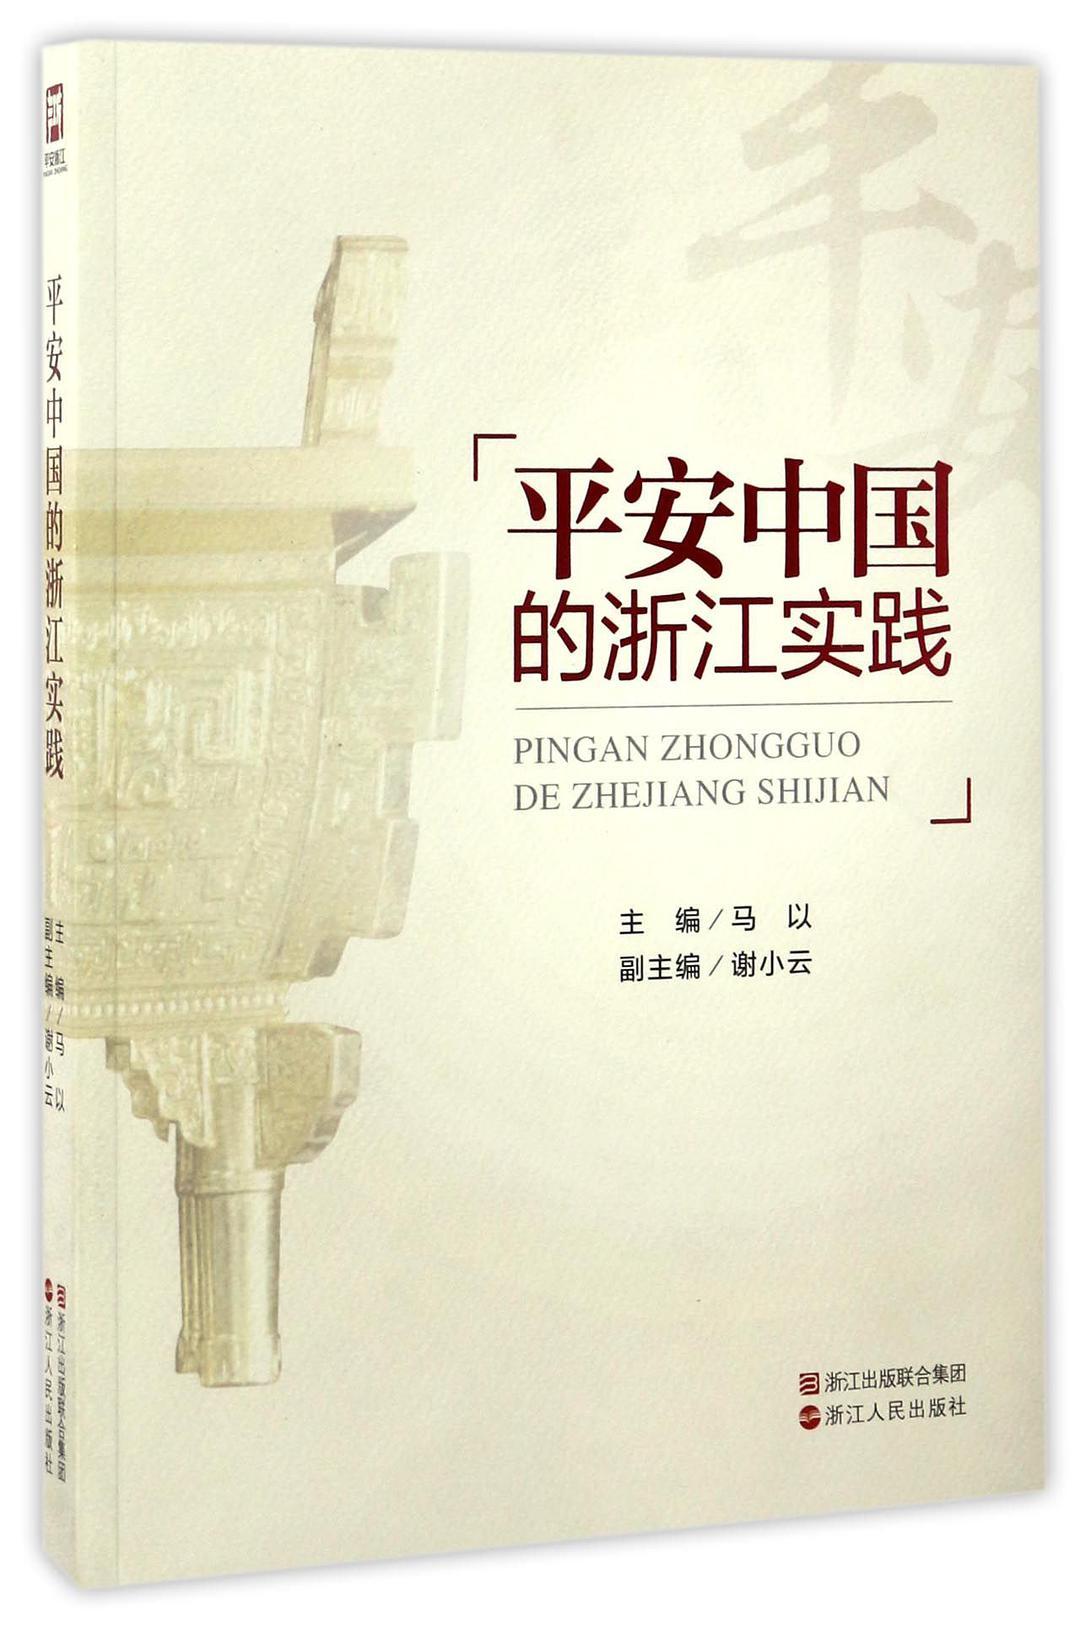 平安中国的浙江实践